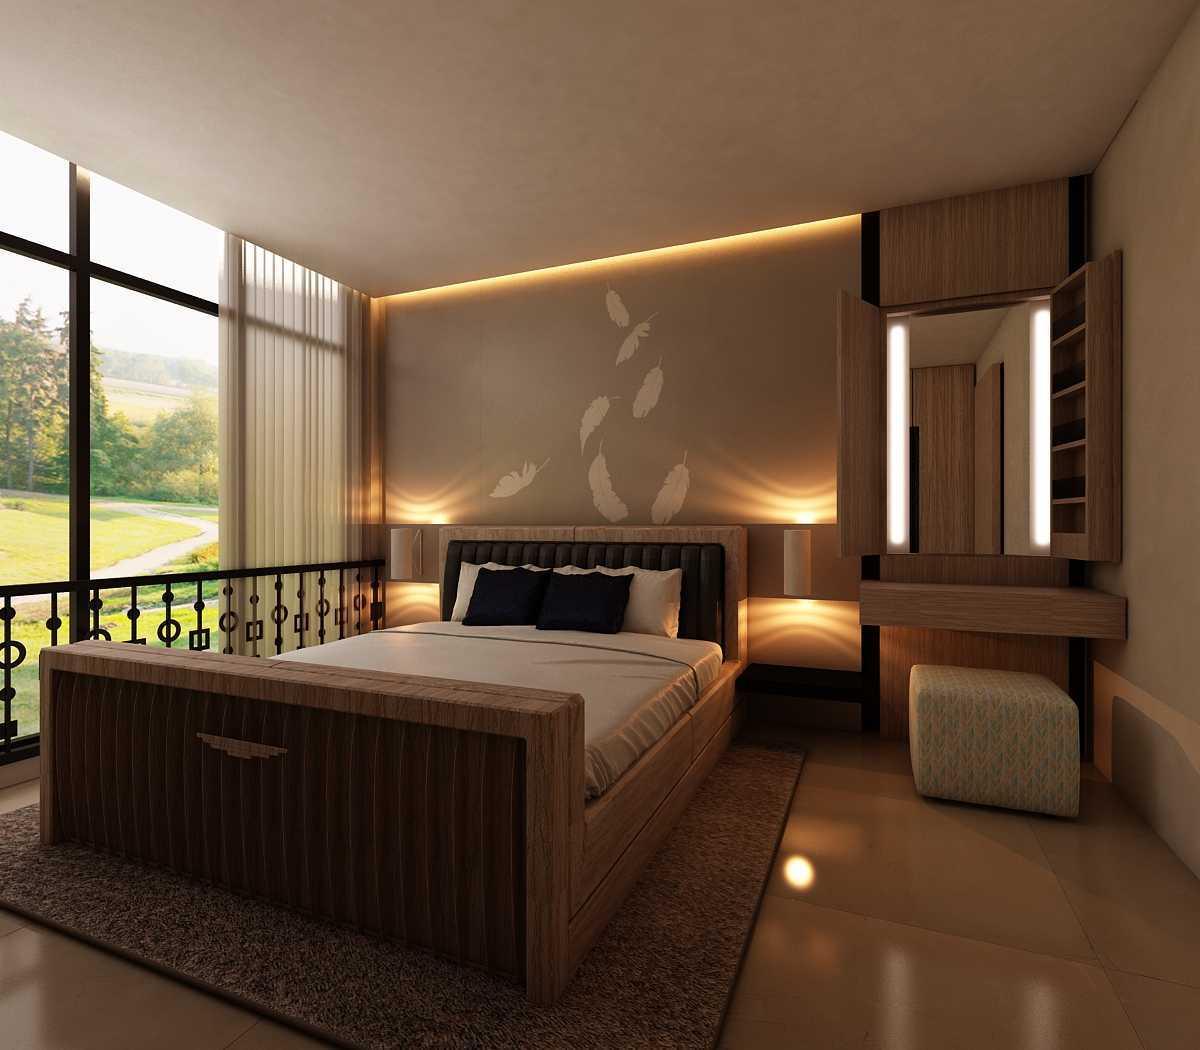 18 Desain Interior Ruang Tamu dan Kamar Tidur Rumah ...